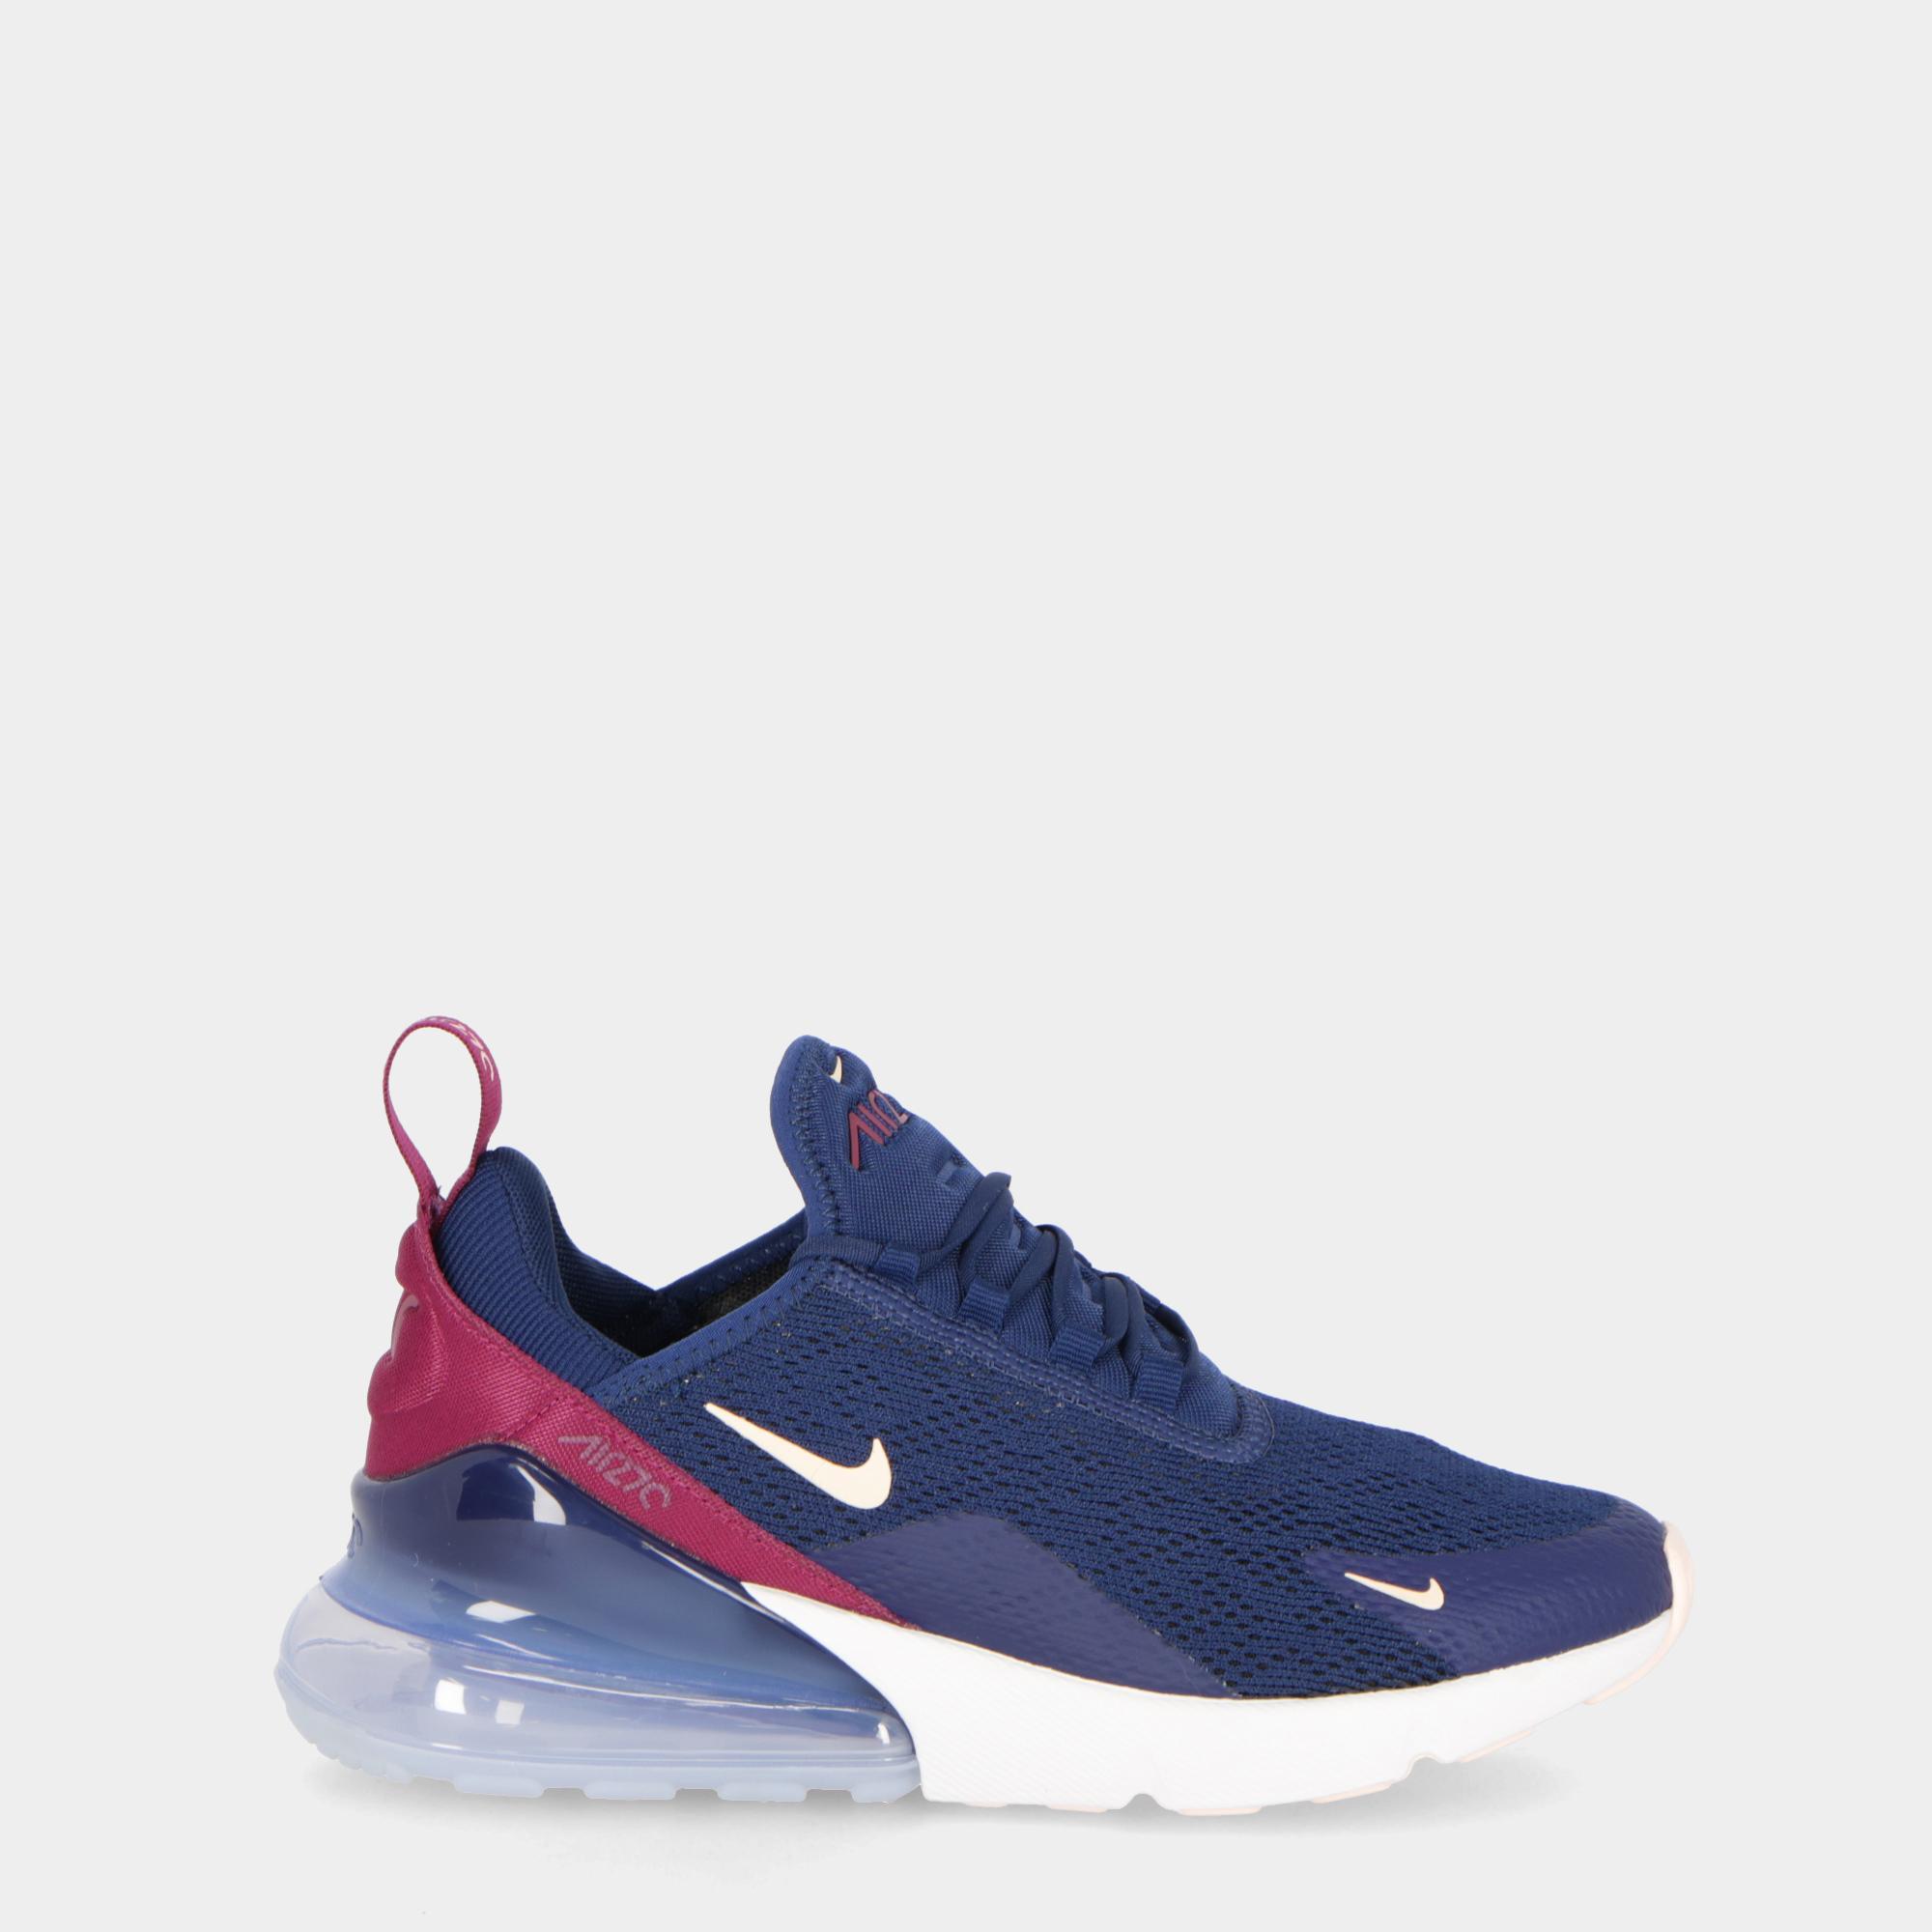 scarpe air nike 270